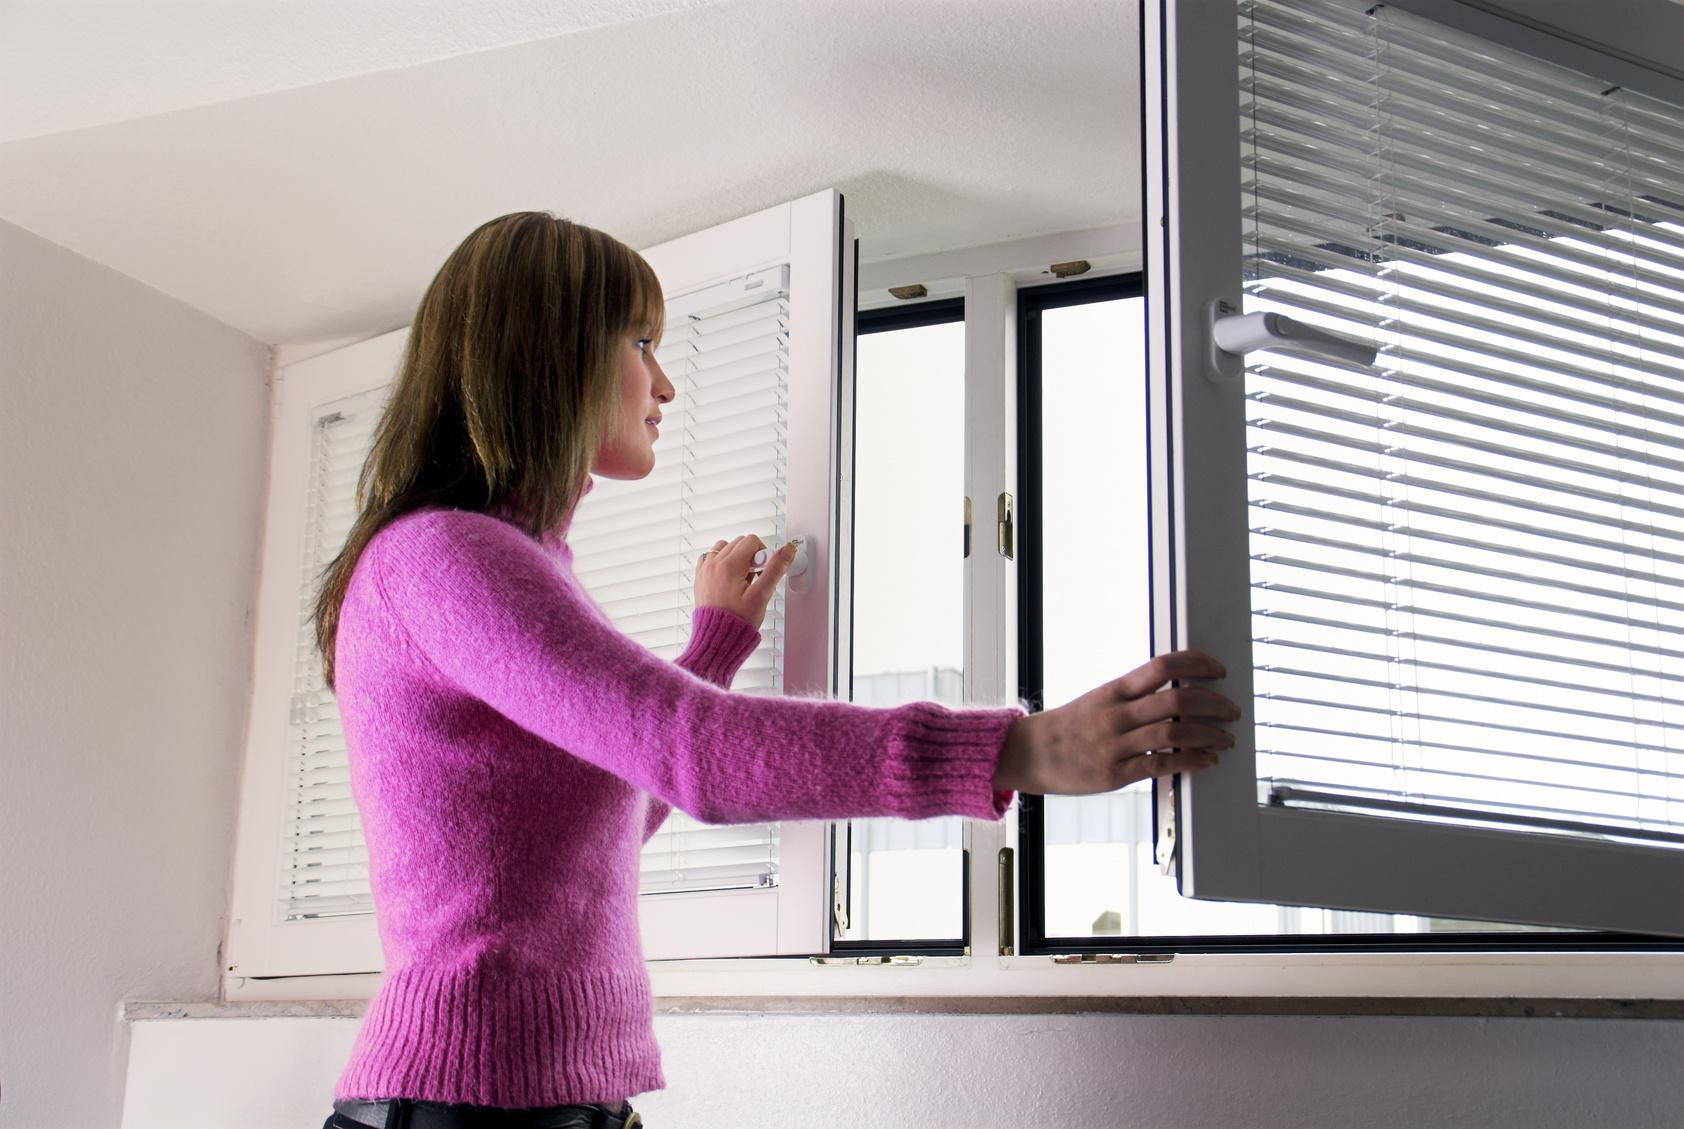 Если вы почувствовали запах гари, приступайте к проветриванию помещения